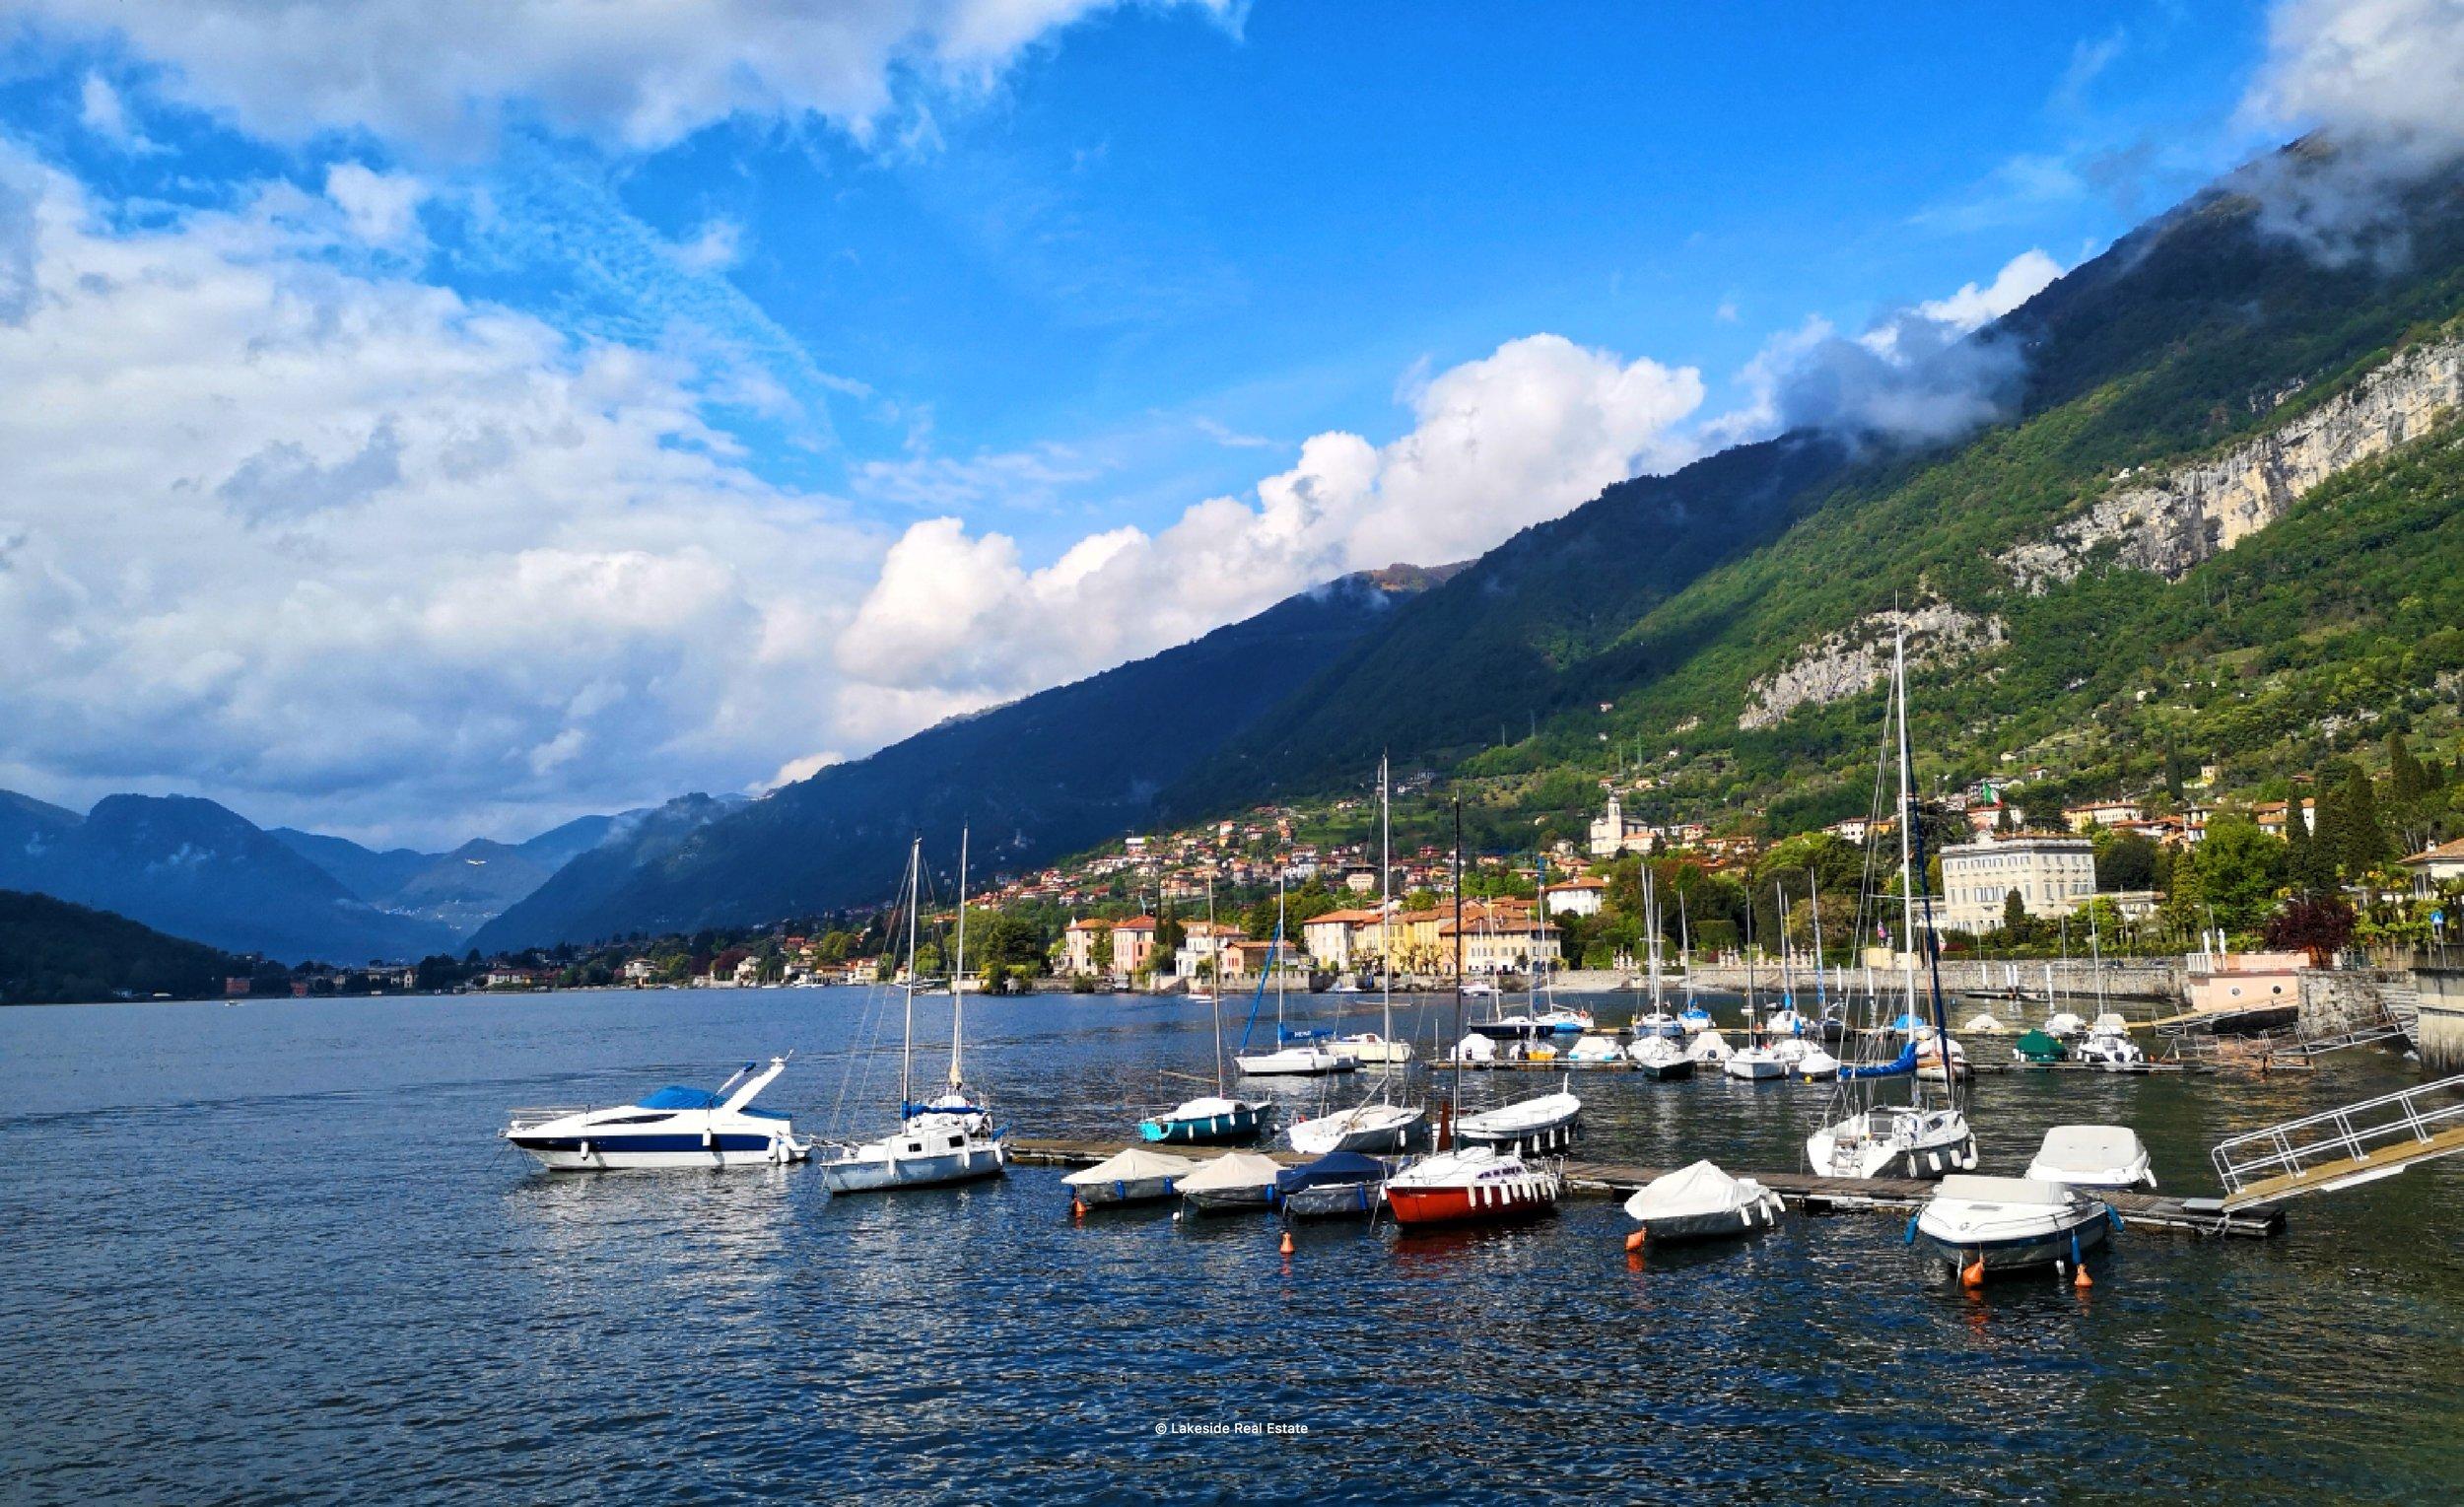 The harbour in Tremezzo (with Villa Sola Cabiati in the background)